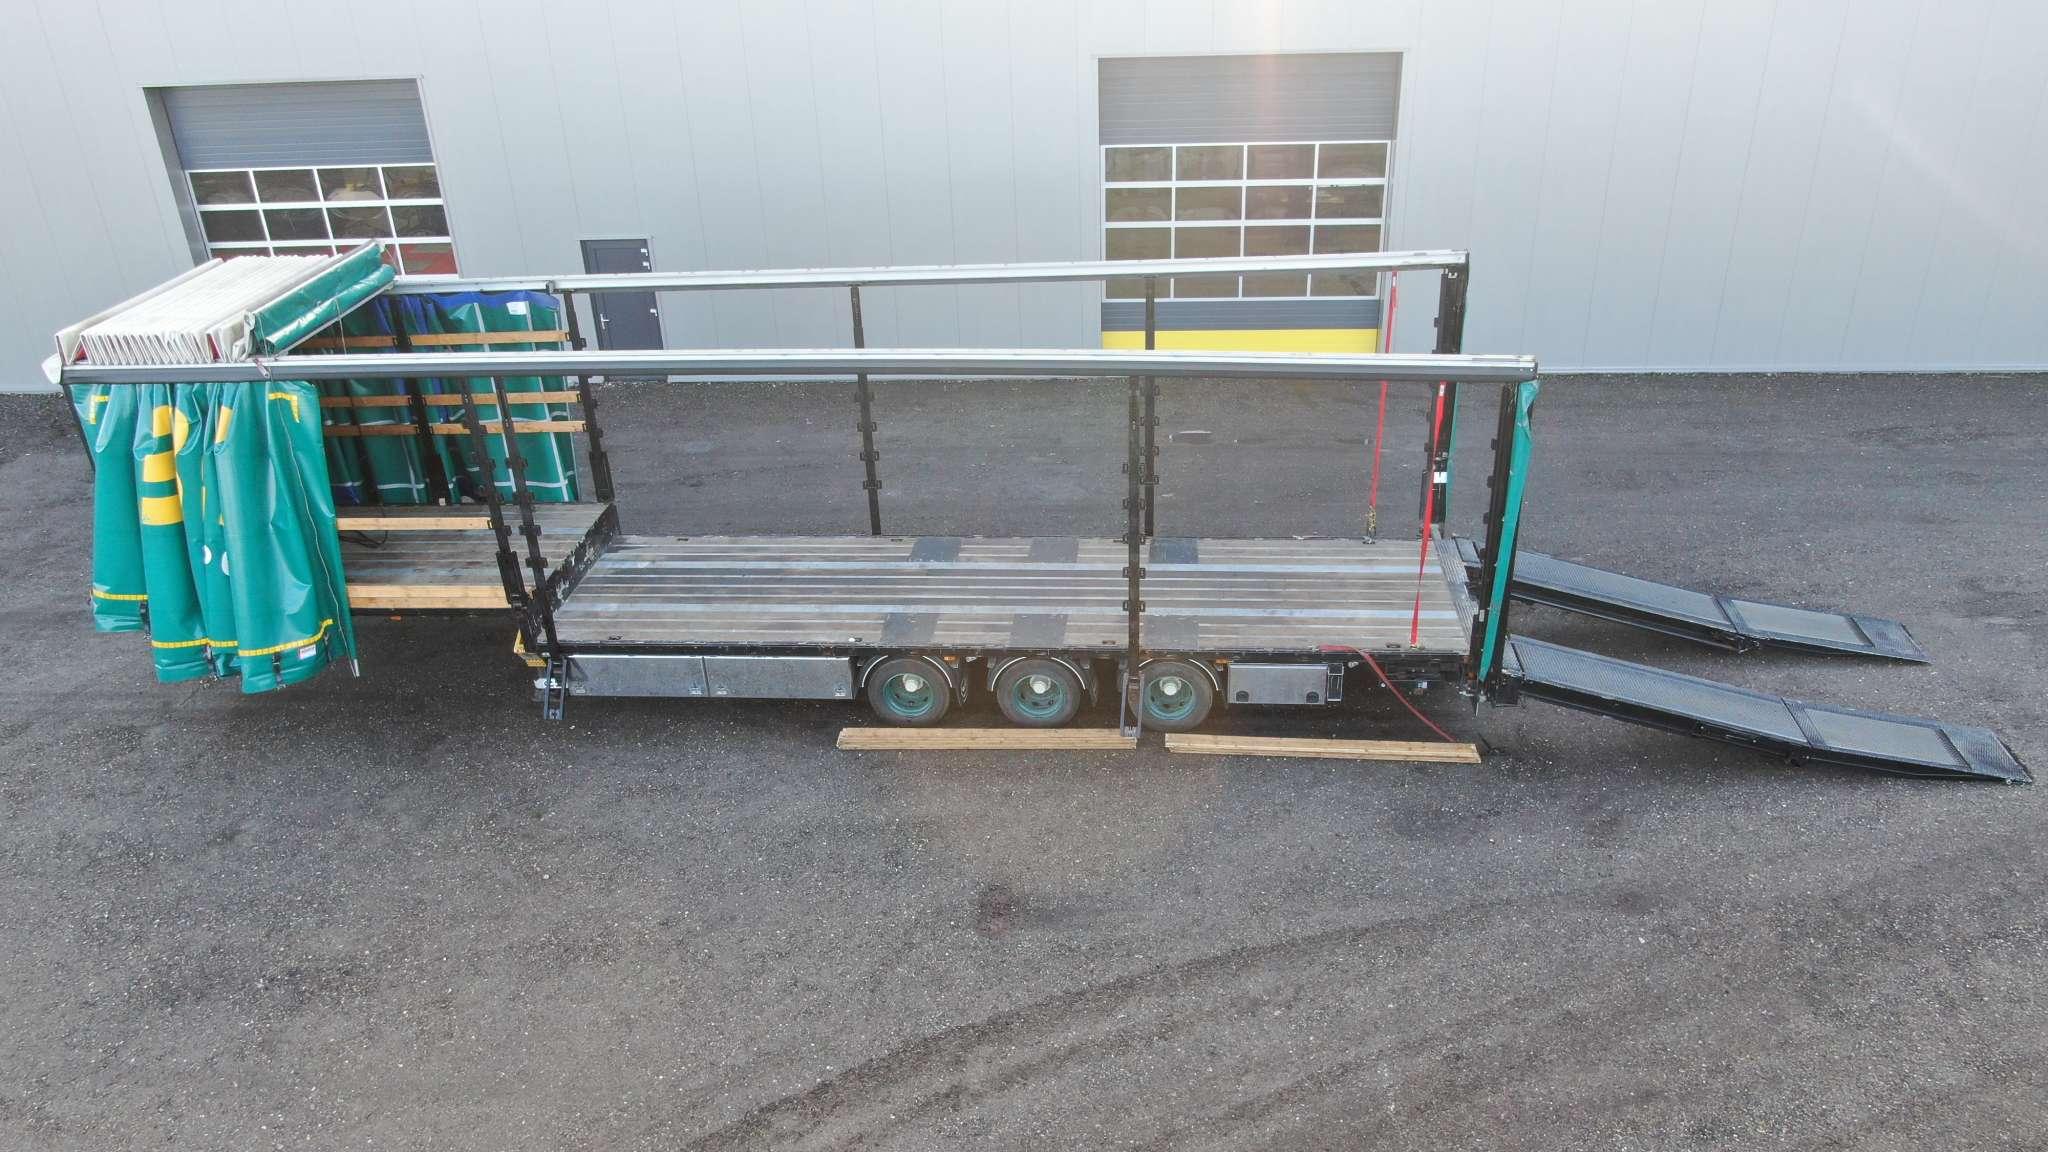 3-assige Semi dieplader met schuifzeil opbouw, verbreedbaar | incl 4.5 m opritten | laadvermogen 30 ton